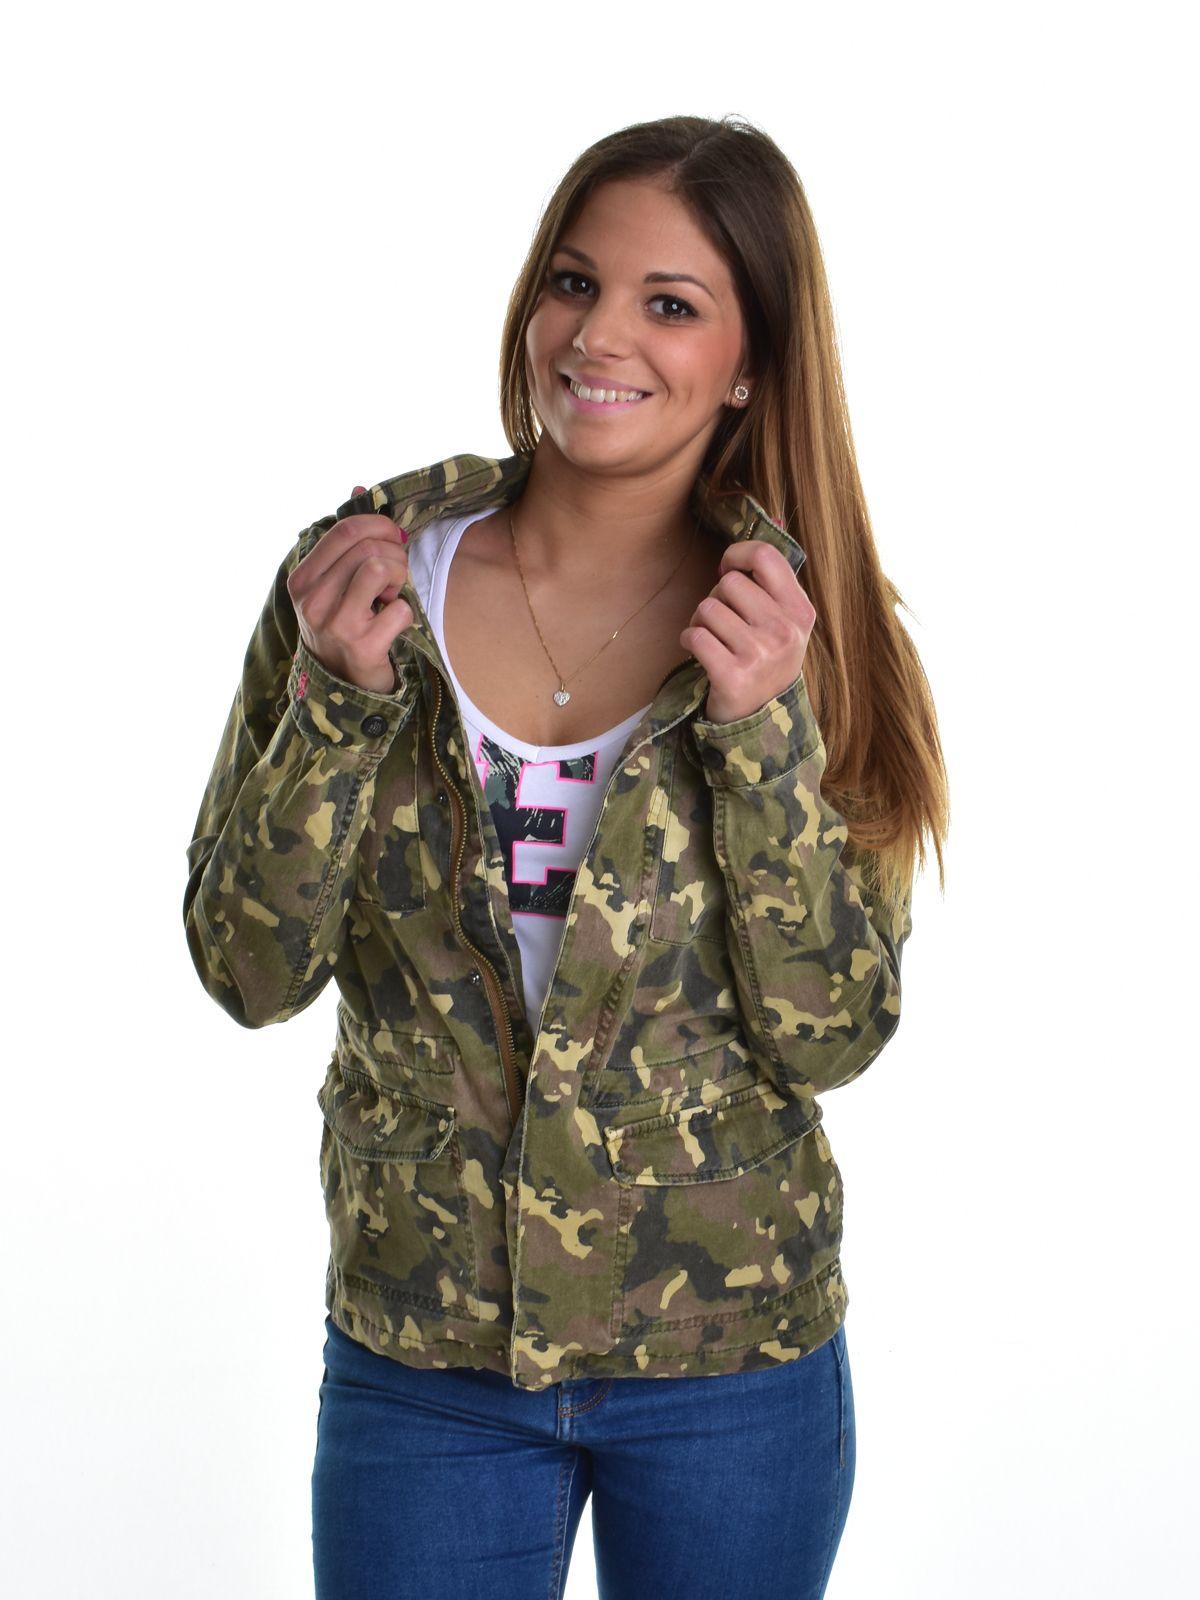 Női - Ruházat - Átmeneti kabát Dzseki Devergo  d7ddd524af